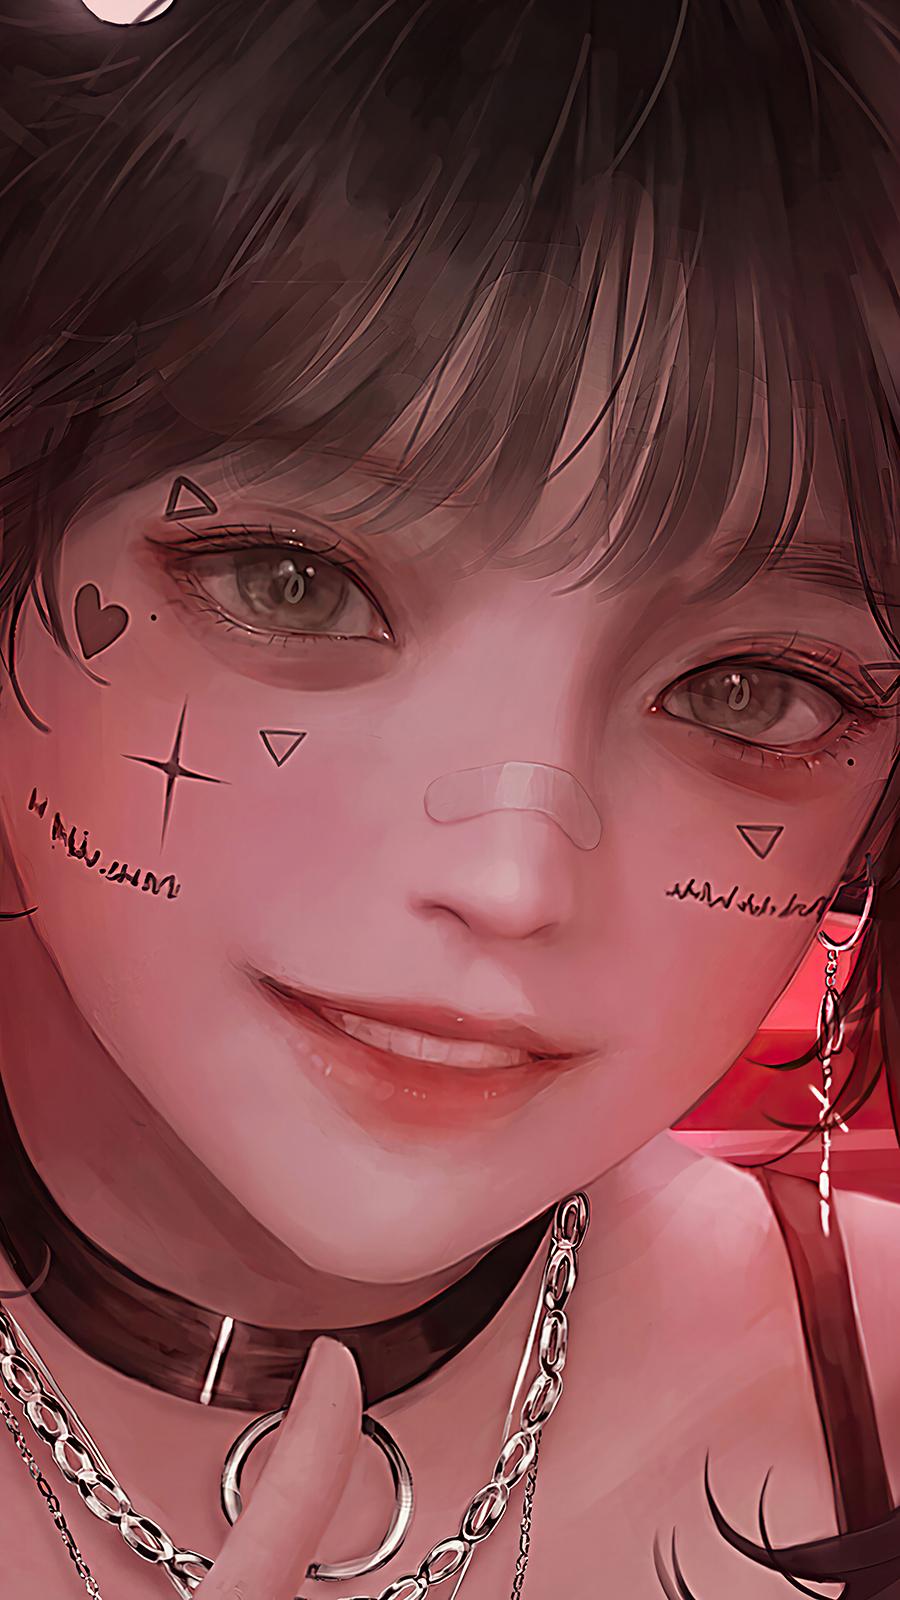 Anime Nice Girl Character HD Wallpapers